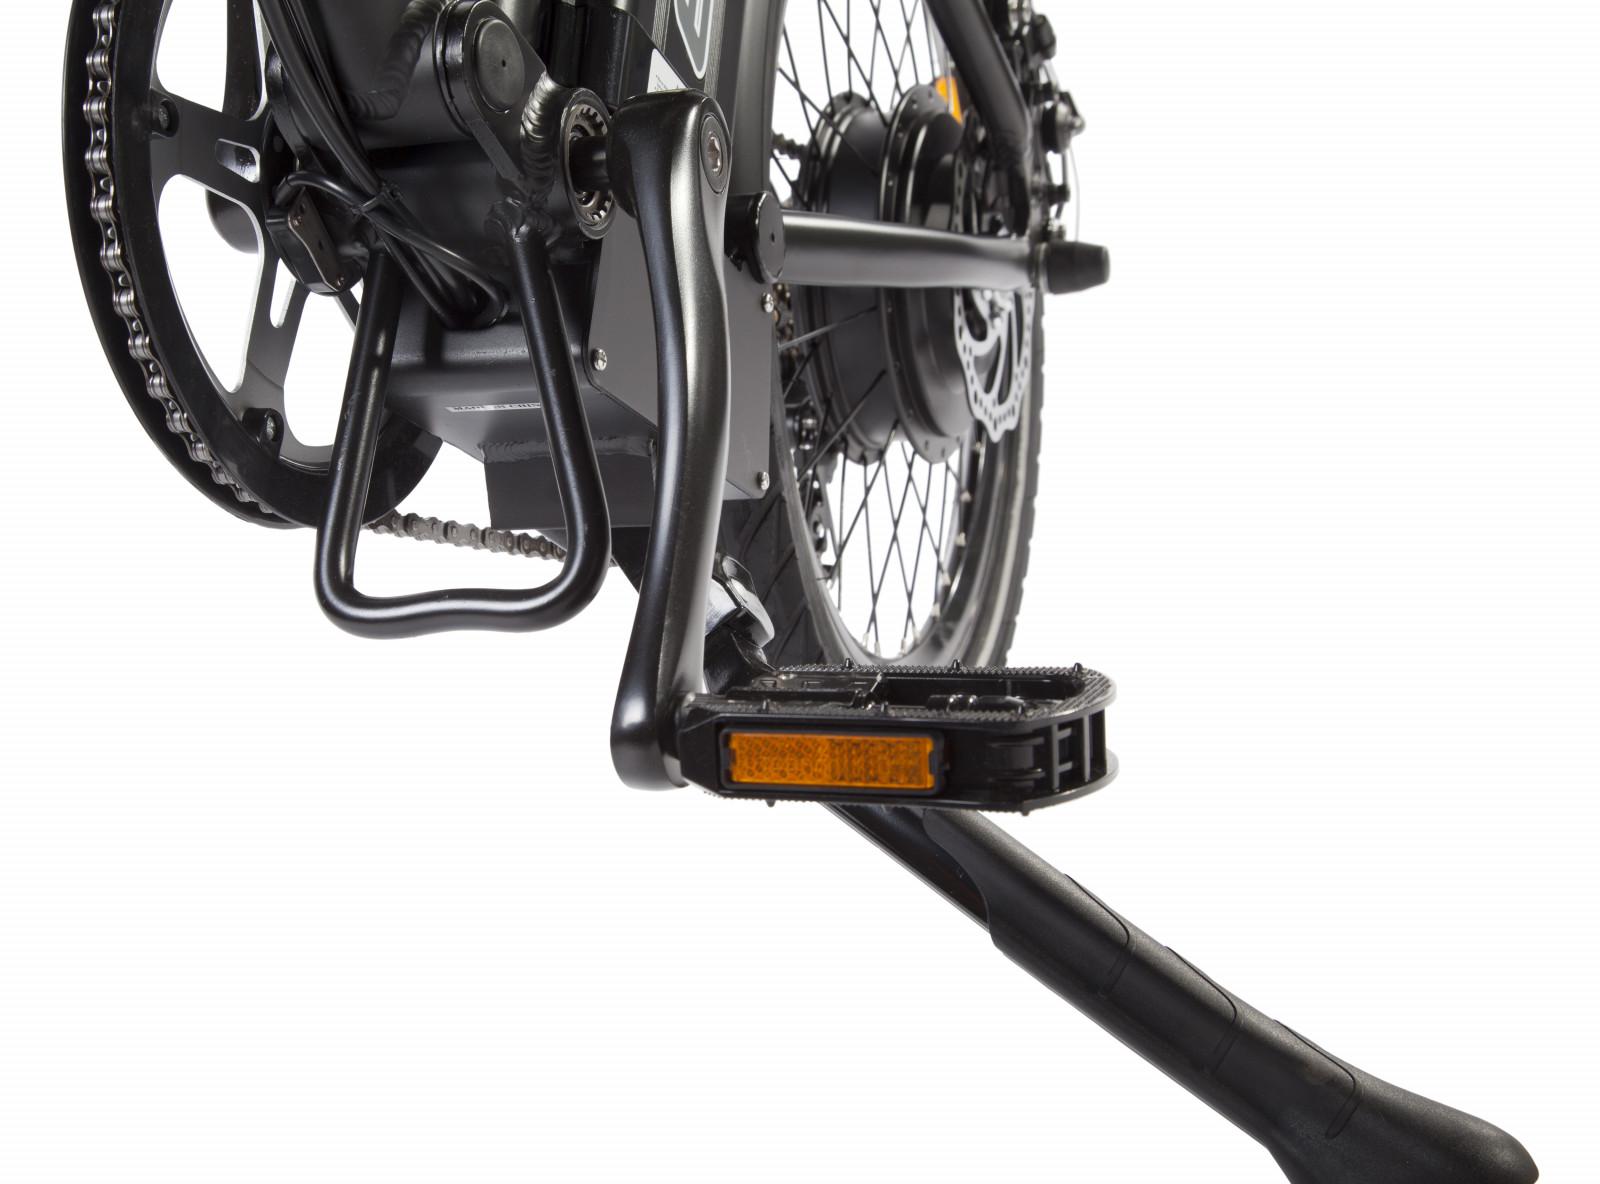 Электровелосипед Eltreco Wave 500W Spoke-4